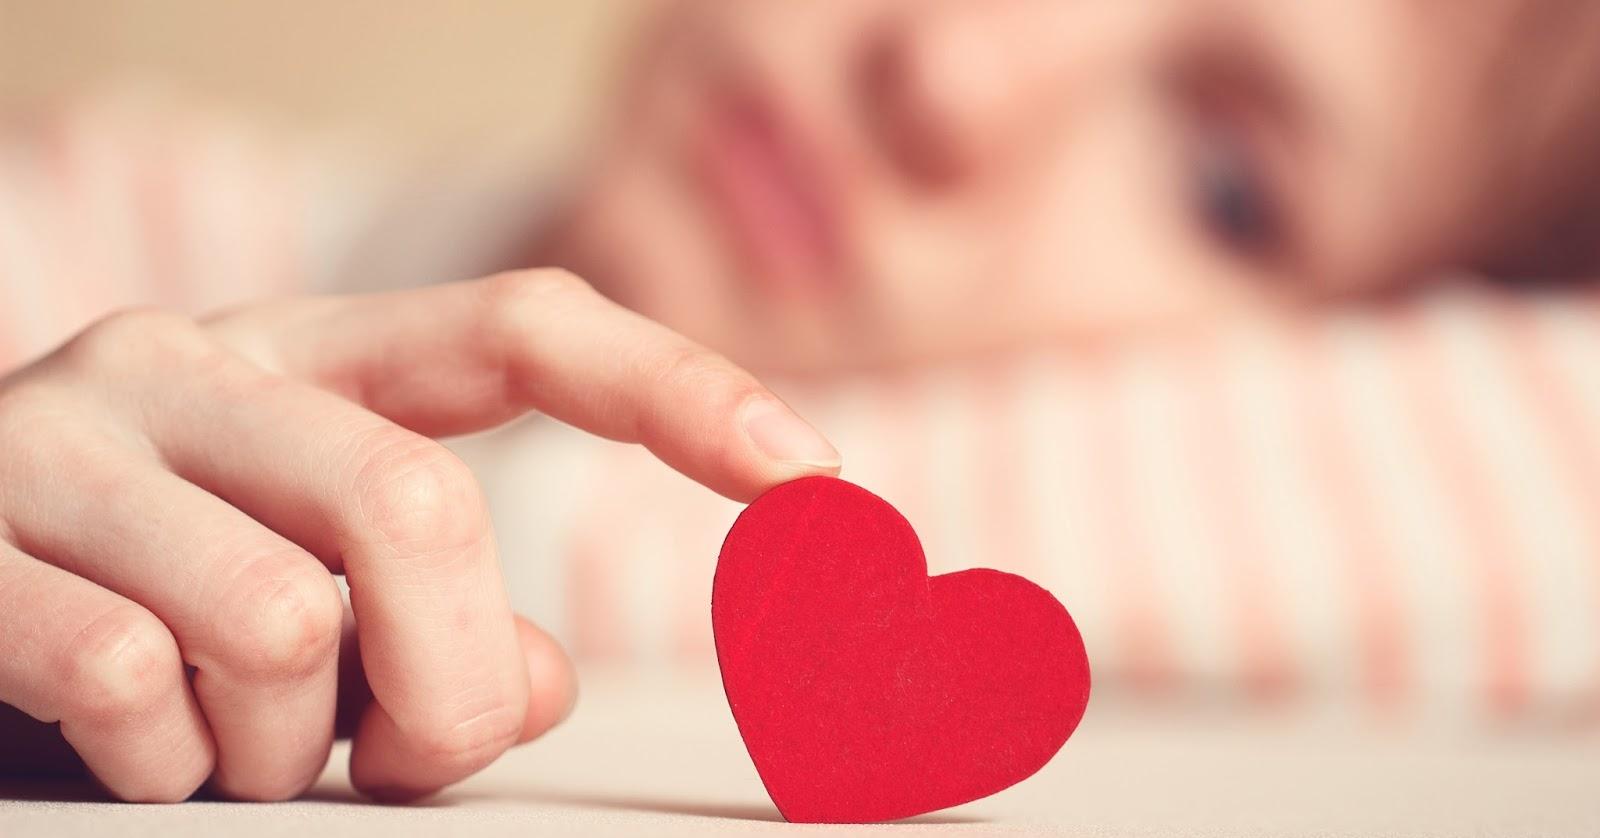 Sentimento de insegurança sobre relacionamentos